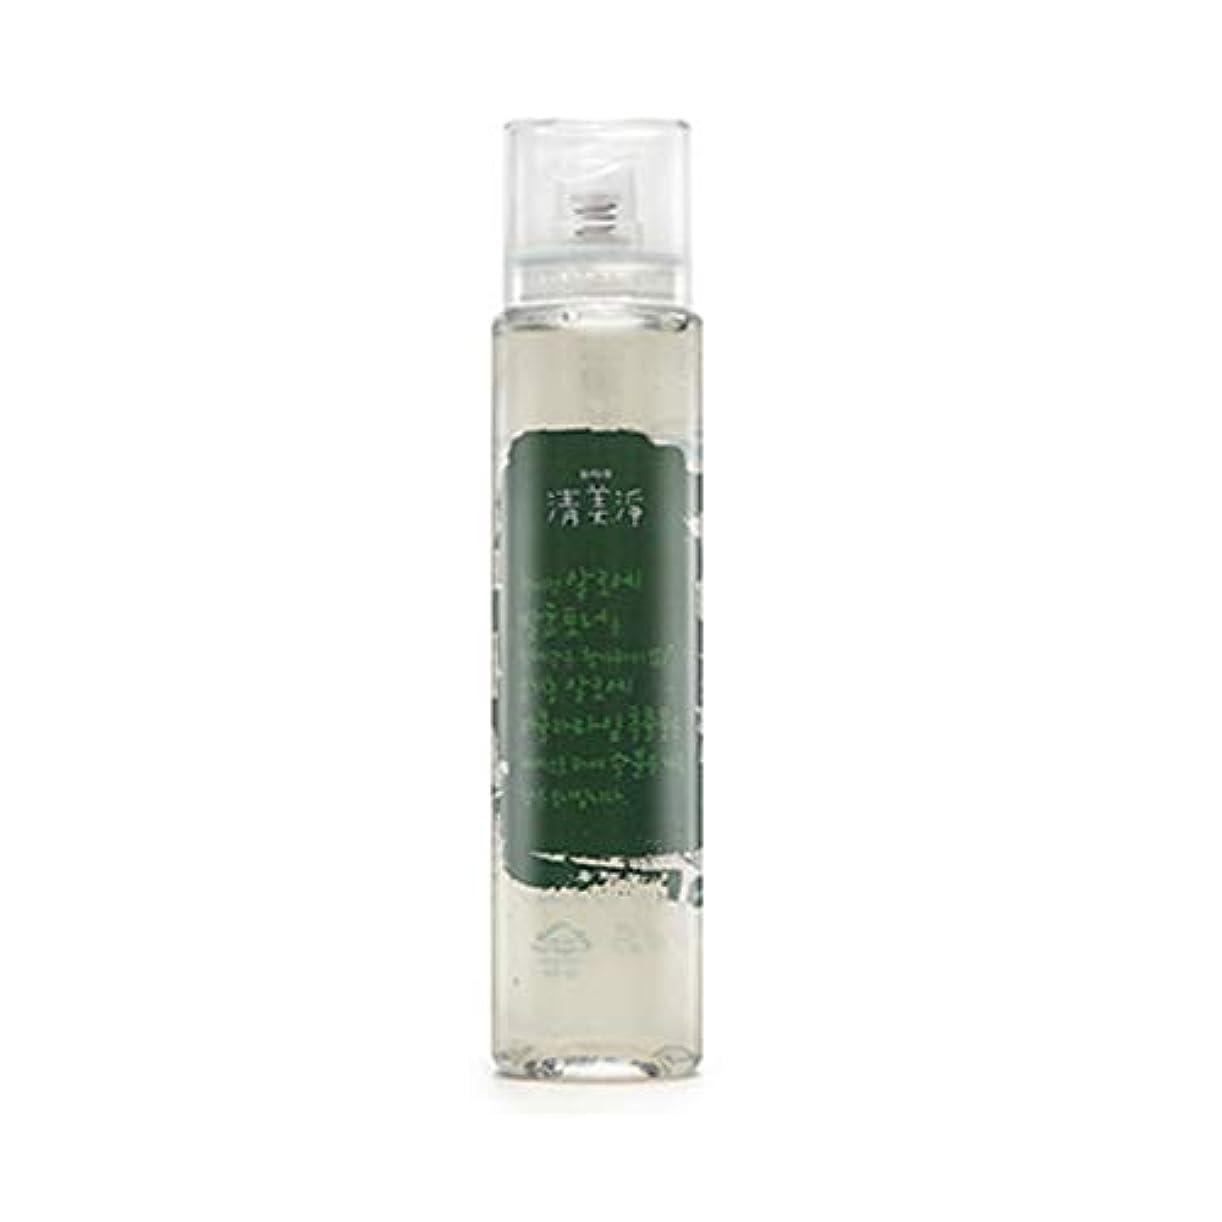 展開するフリル酸度[ChungMiJung] 清美浄(チョンミジョン) アロエ発酵トナー 140ml Aloe Fermentation Toner - 98% Organic Faicial Toner Skin Refresher Korean...